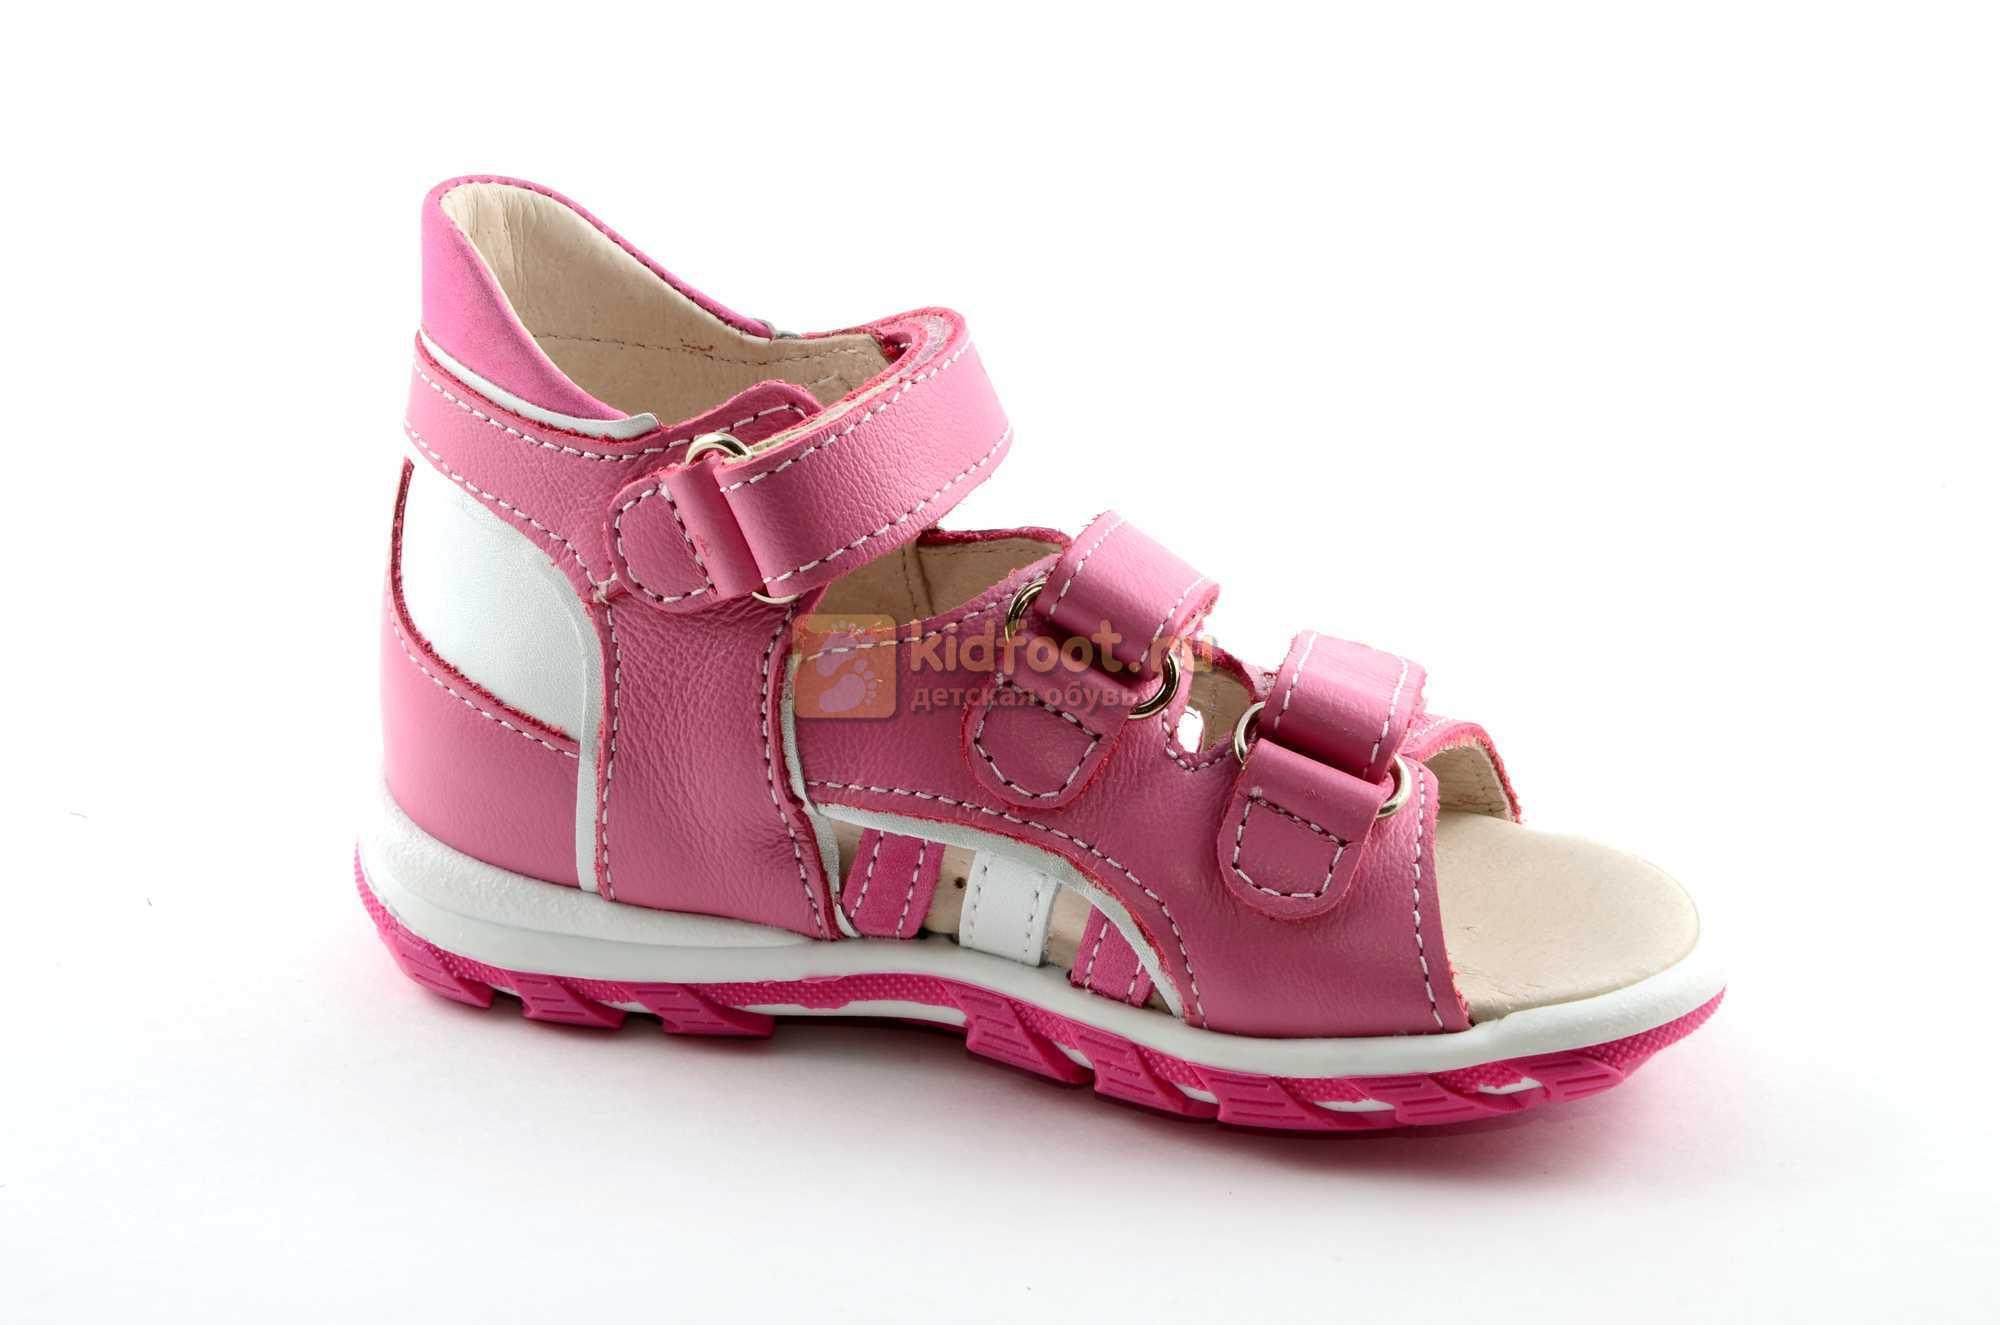 Босоножки Тотто из натуральной кожи с открытым носом для девочек, цвет розовый белый